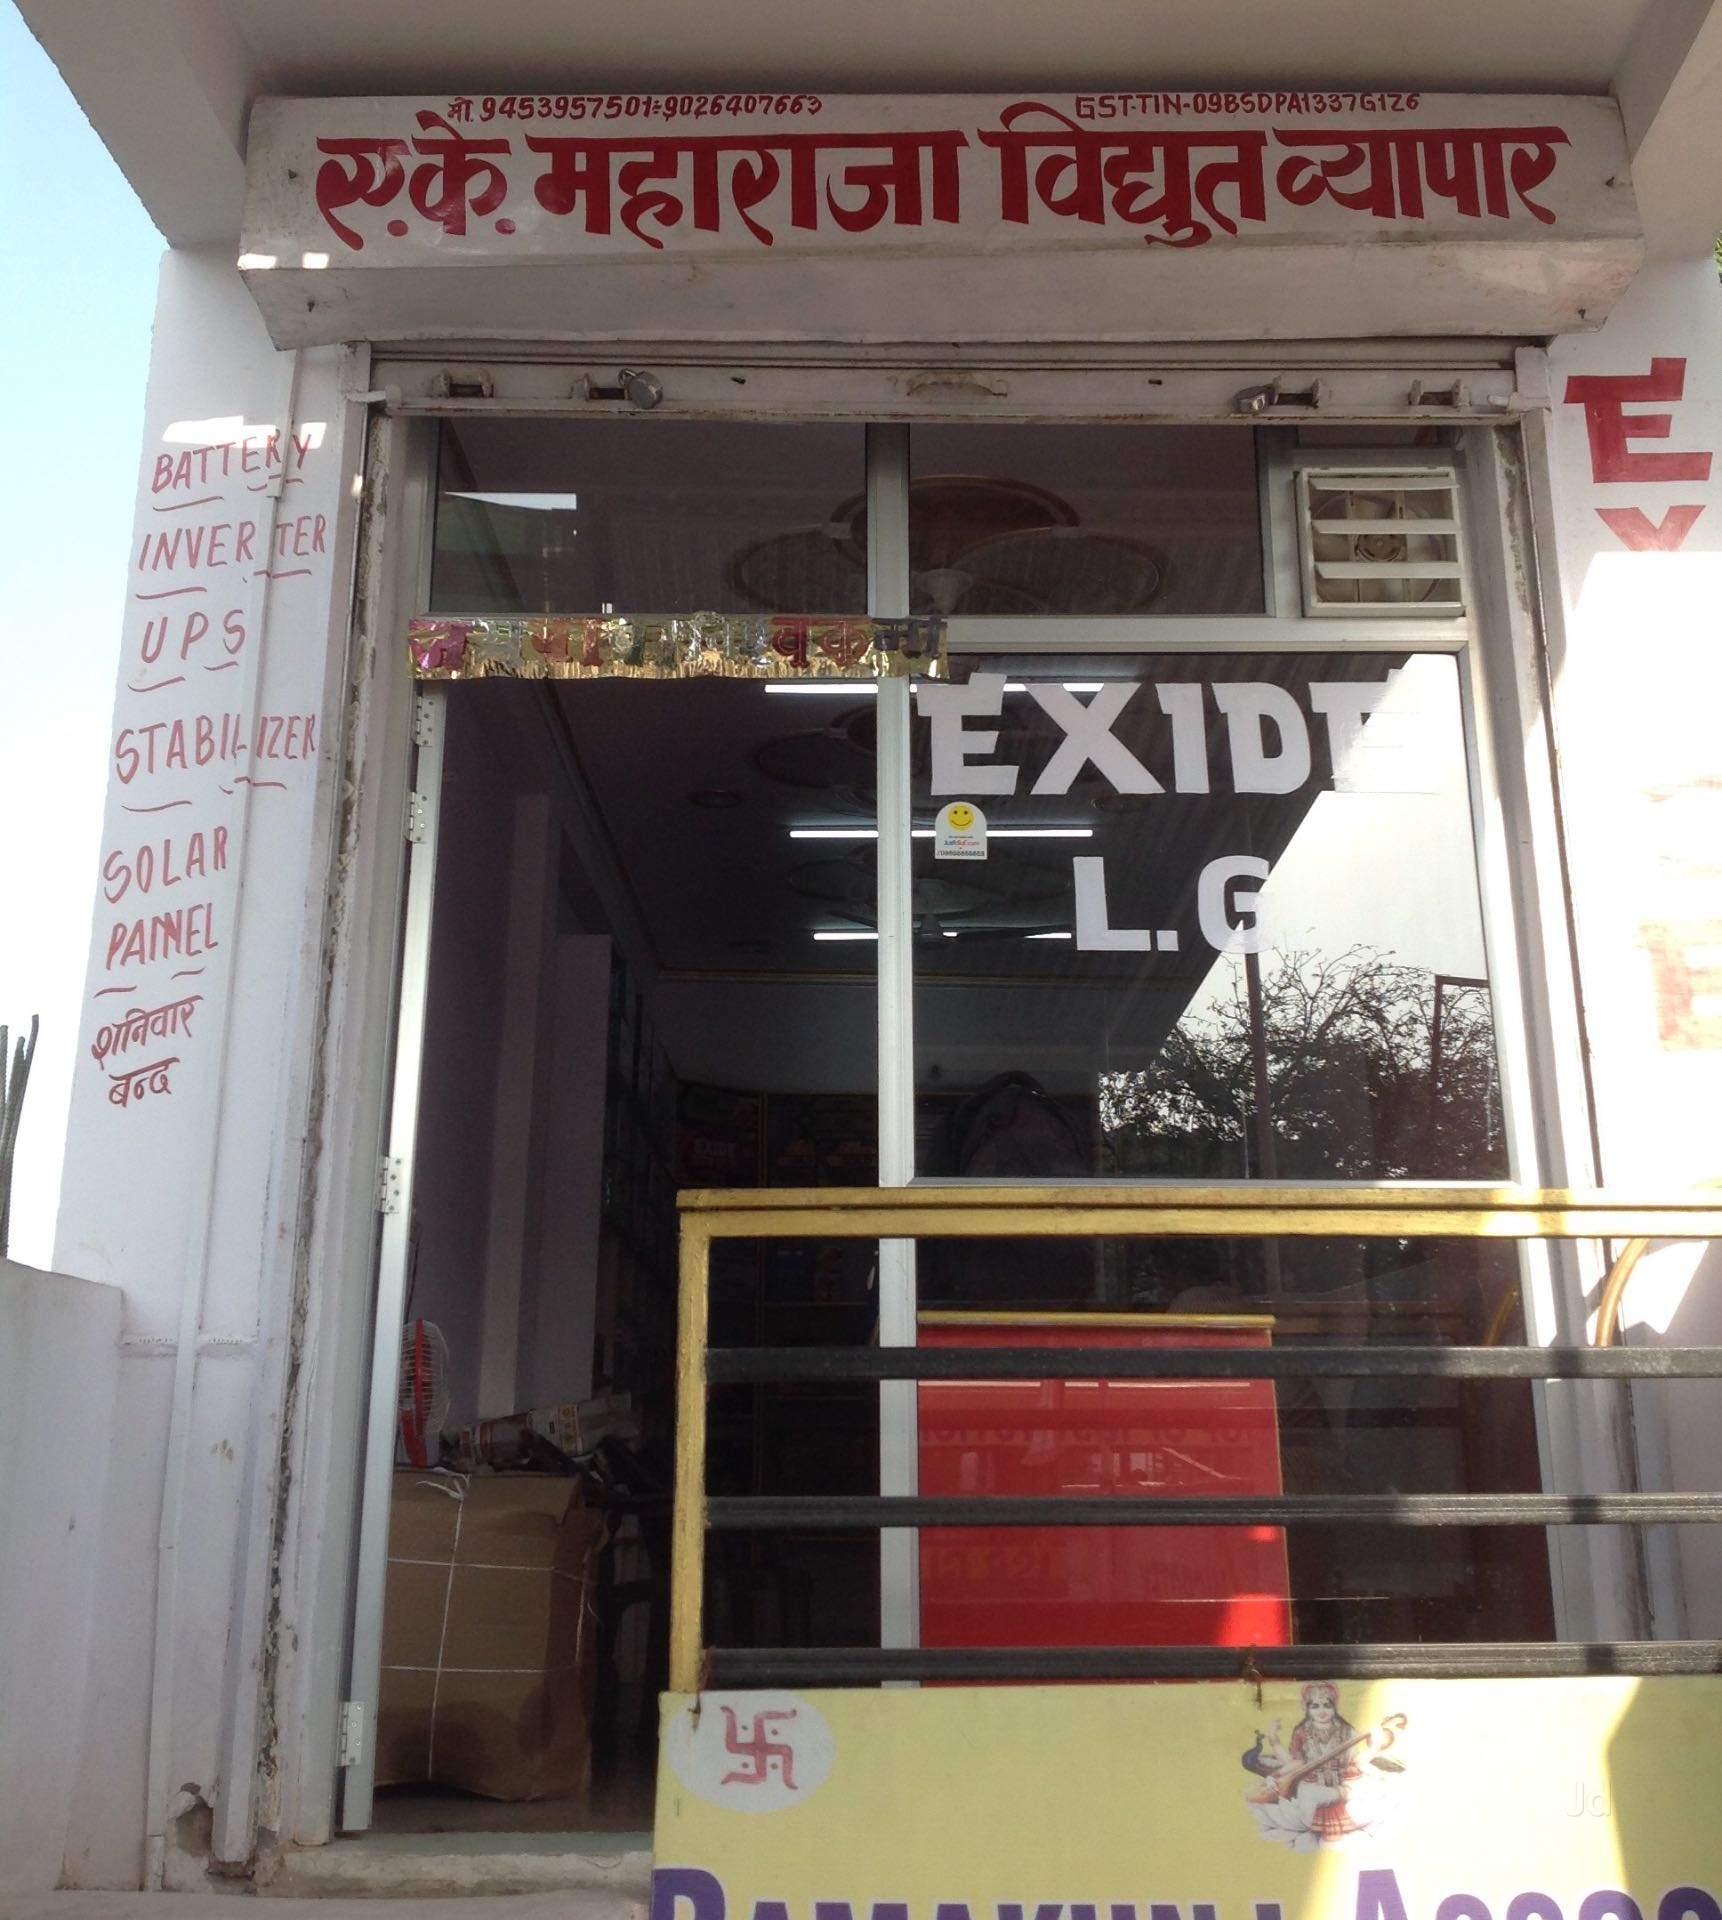 Top 100 Electronic Goods Showrooms in Sadar Bazar - Best